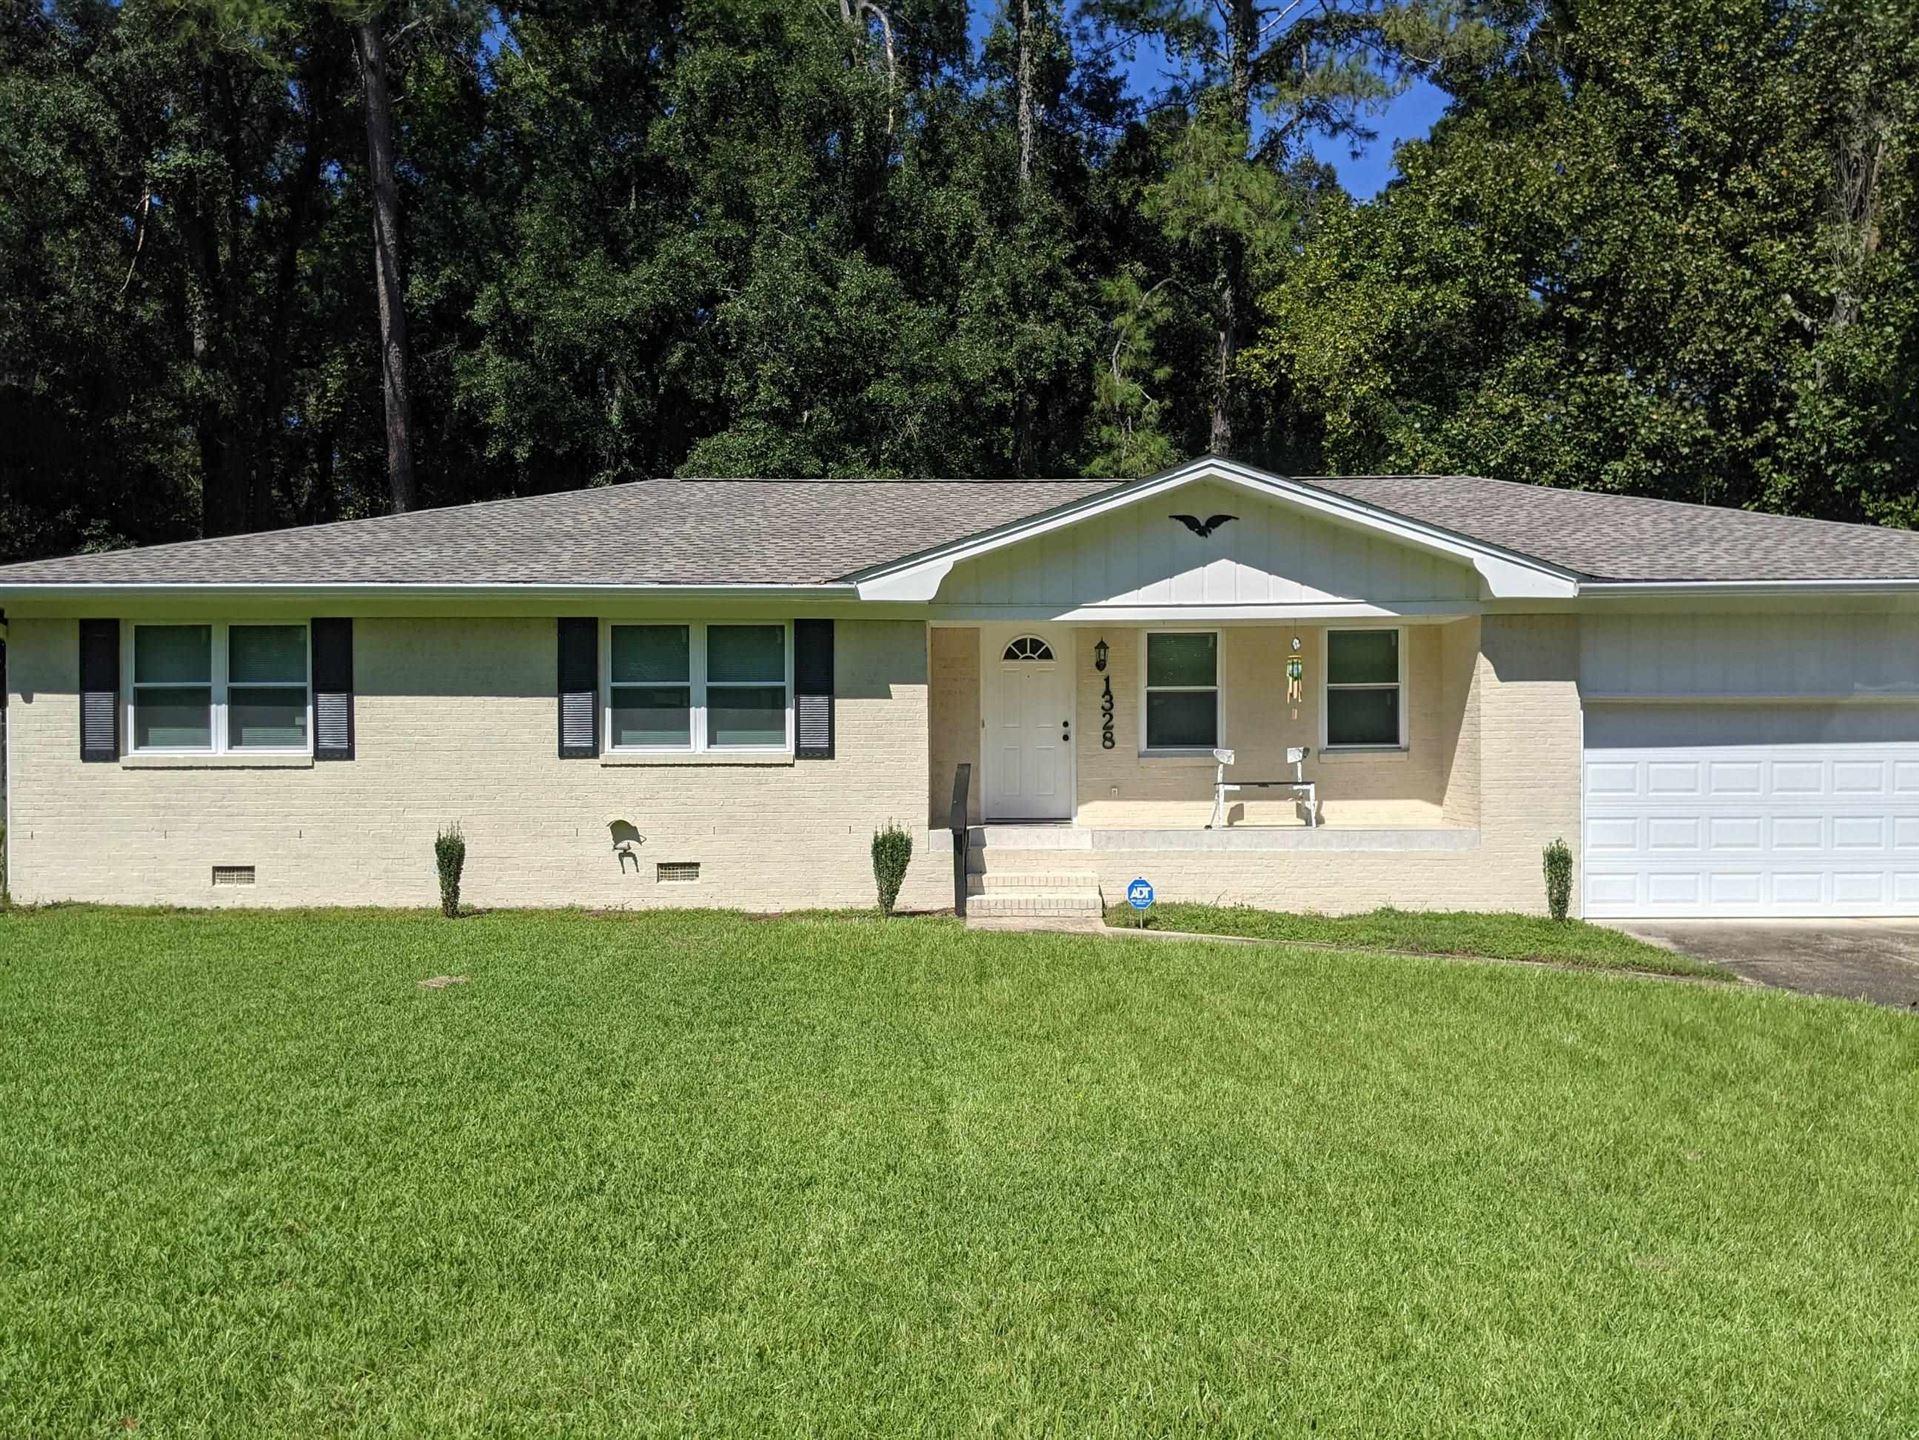 1328 Linwood Drive, Tallahassee, FL 32304 - MLS#: 337138